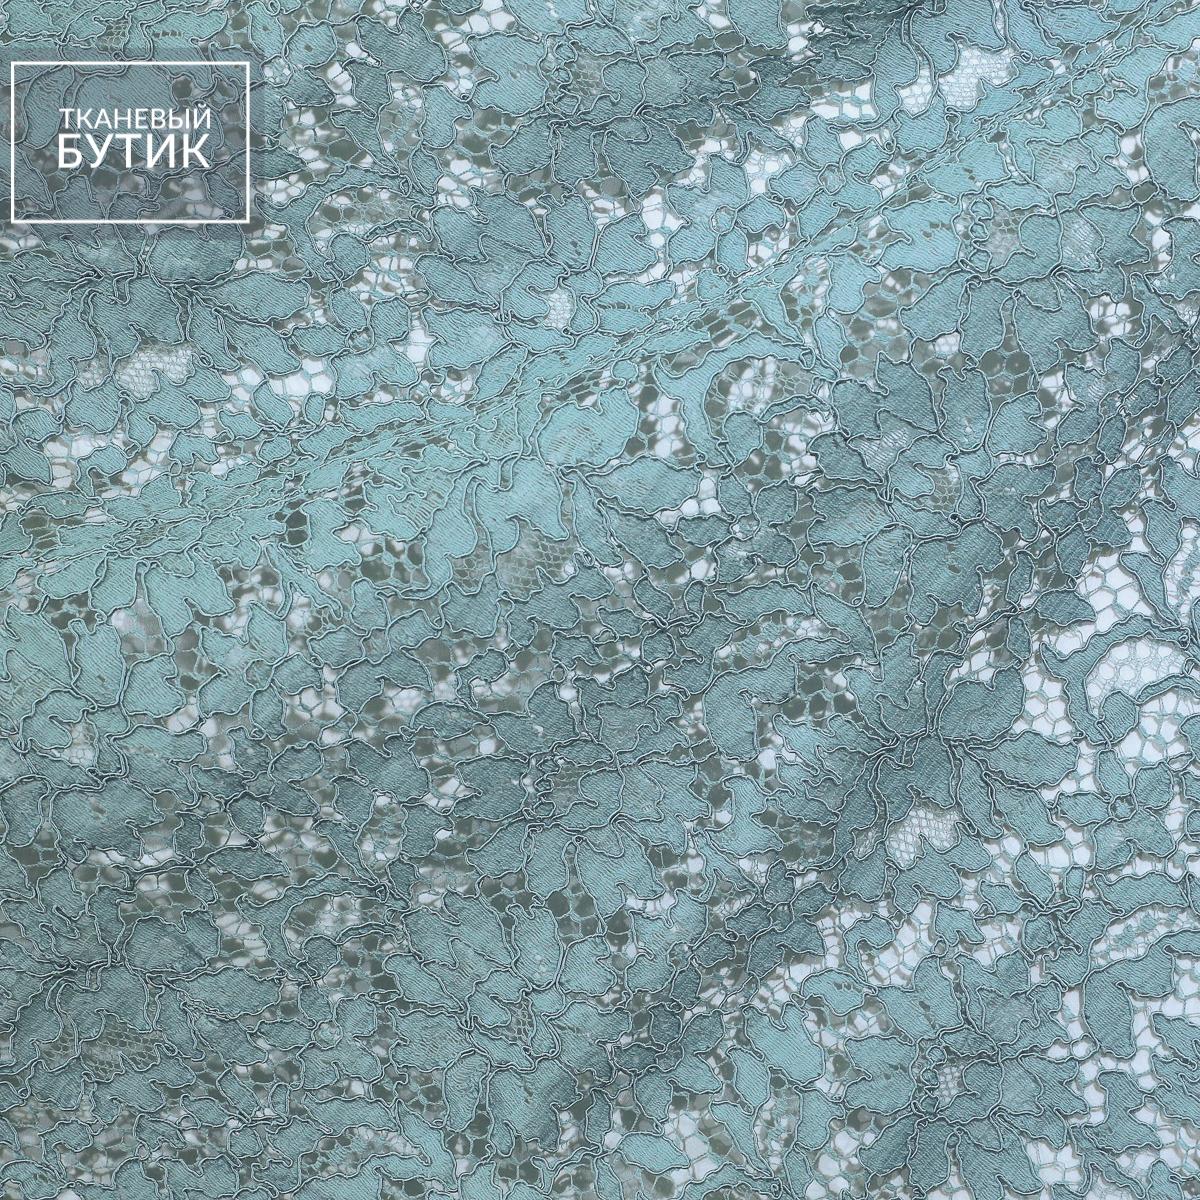 Французское кордовое кружево пыльно-голубого цвета